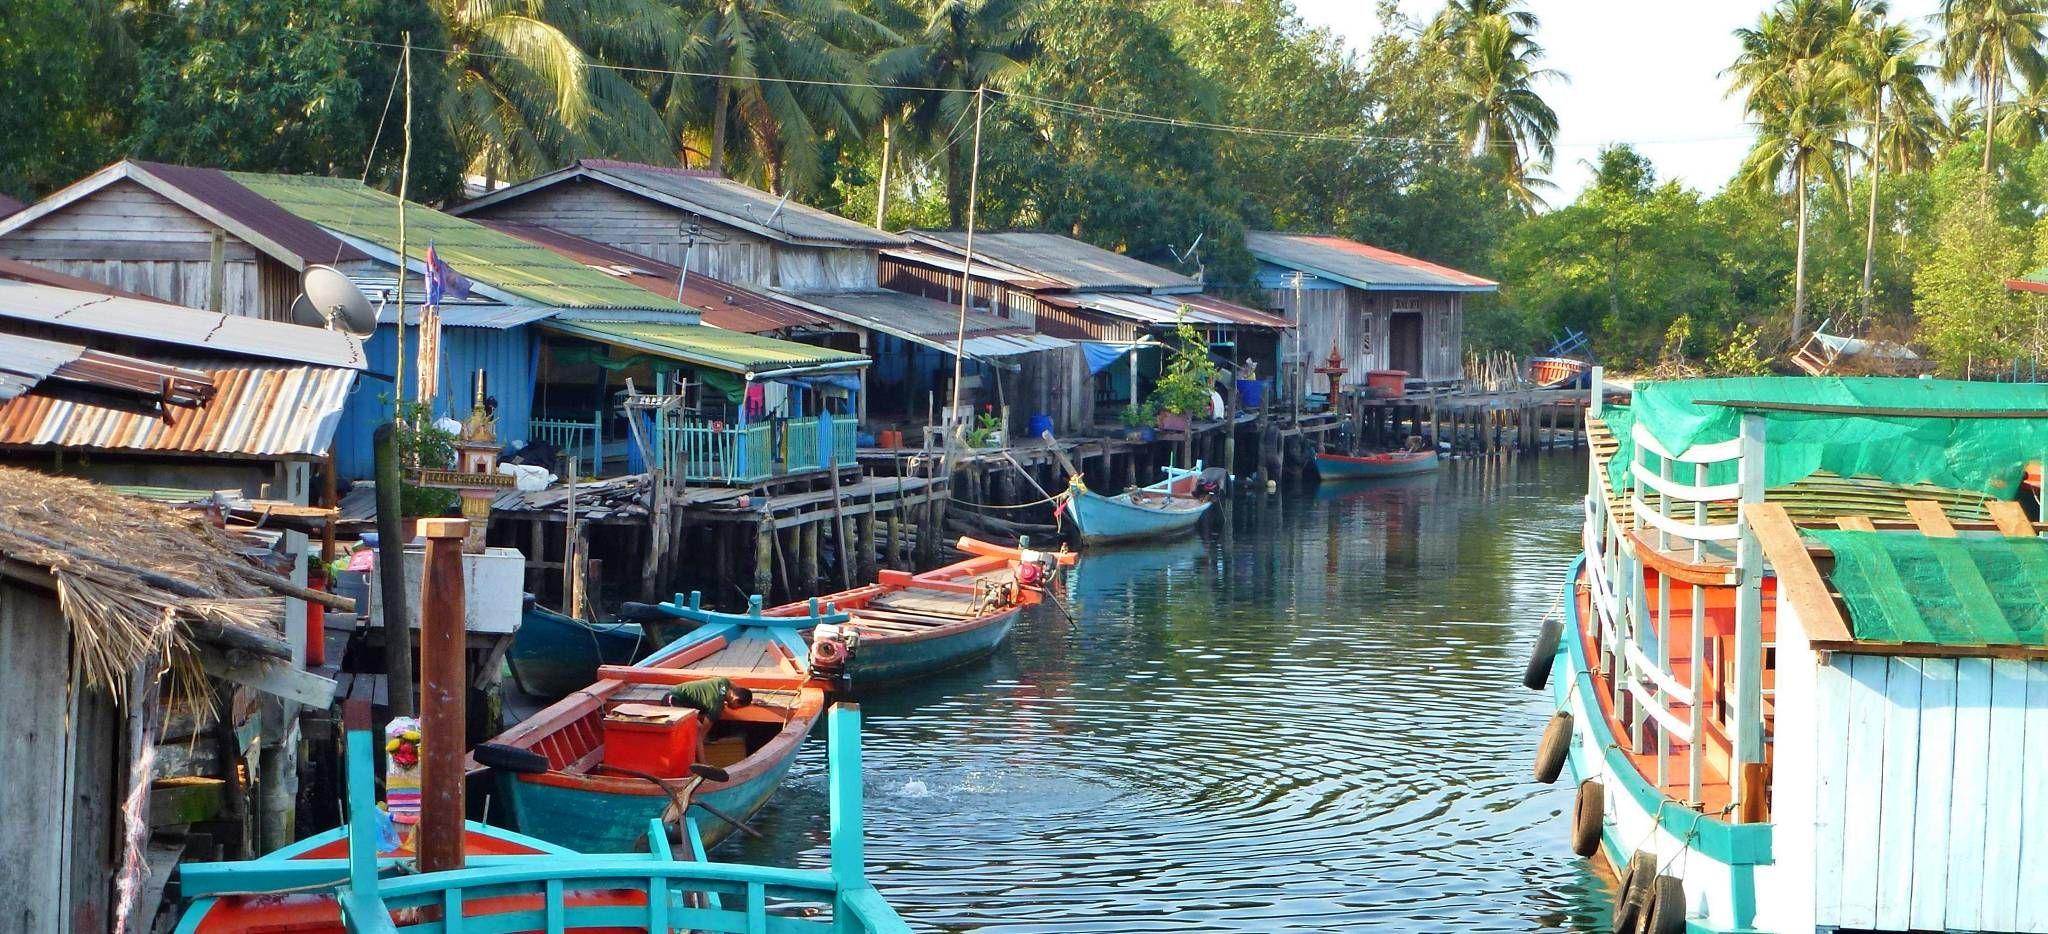 Siedlung auf Stelzen auf einem Kambodschanischen Fluß